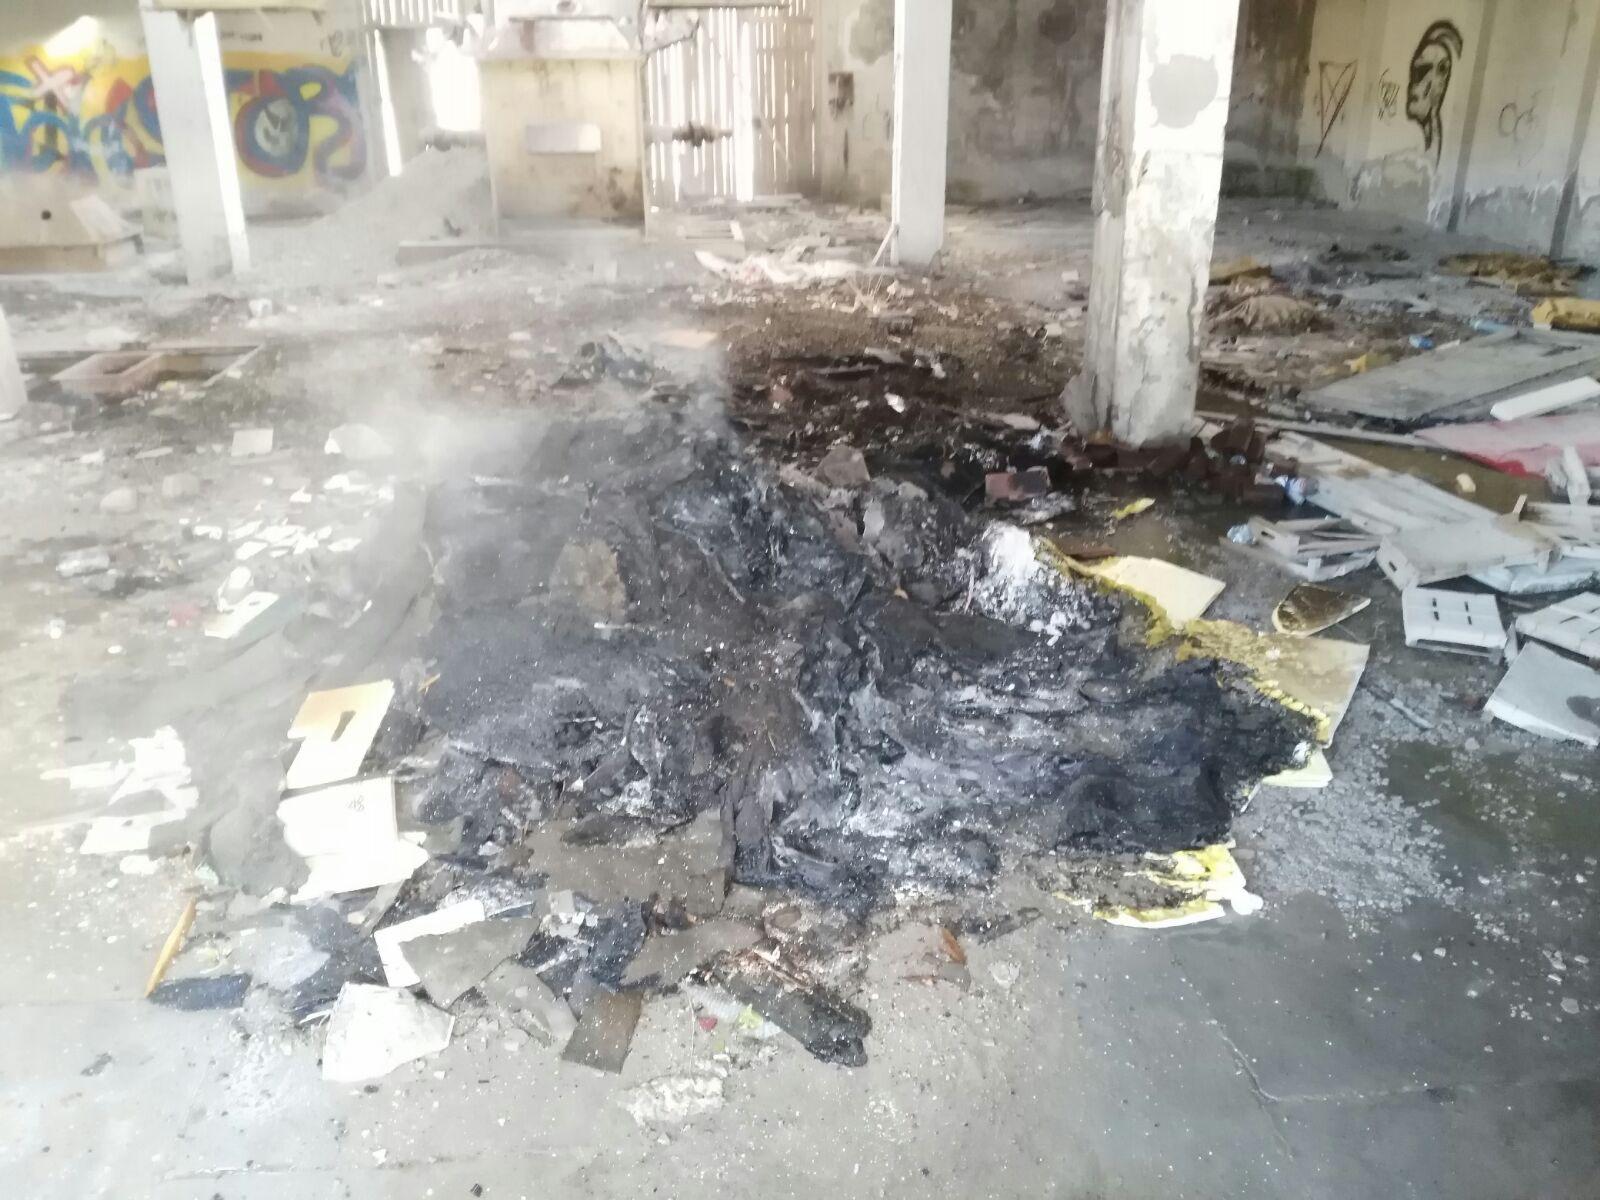 Divampa incendio nell'ex fabbrica Bentonite, cause ancora da accertare